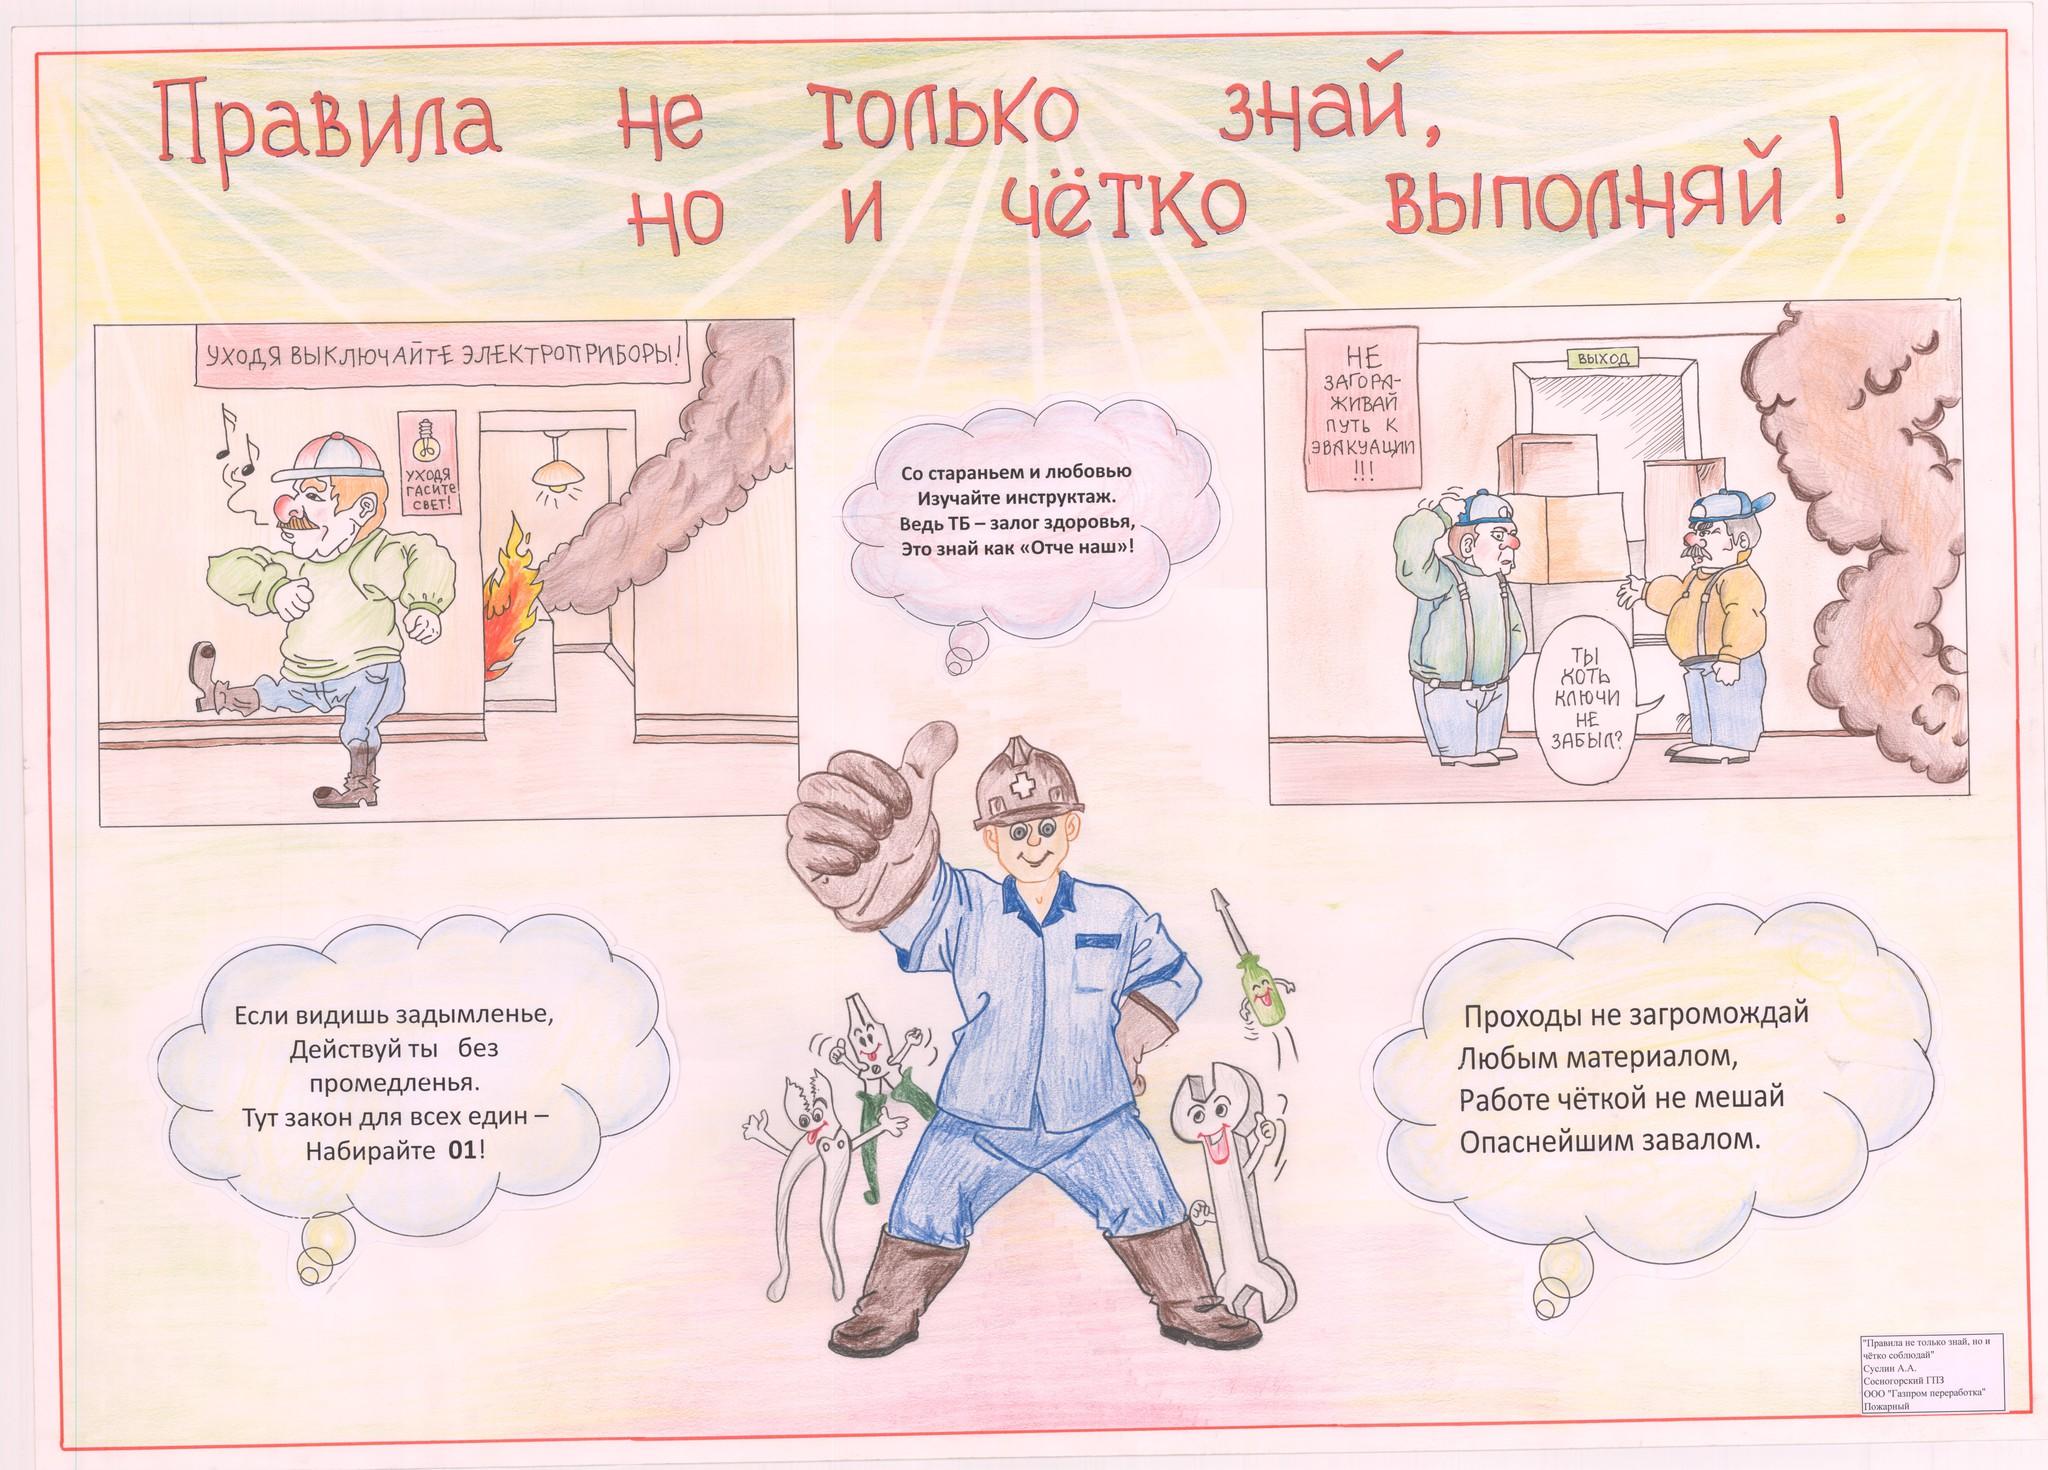 http://pererabotka.gazprom.ru/d/story/b8/184/1.jpg